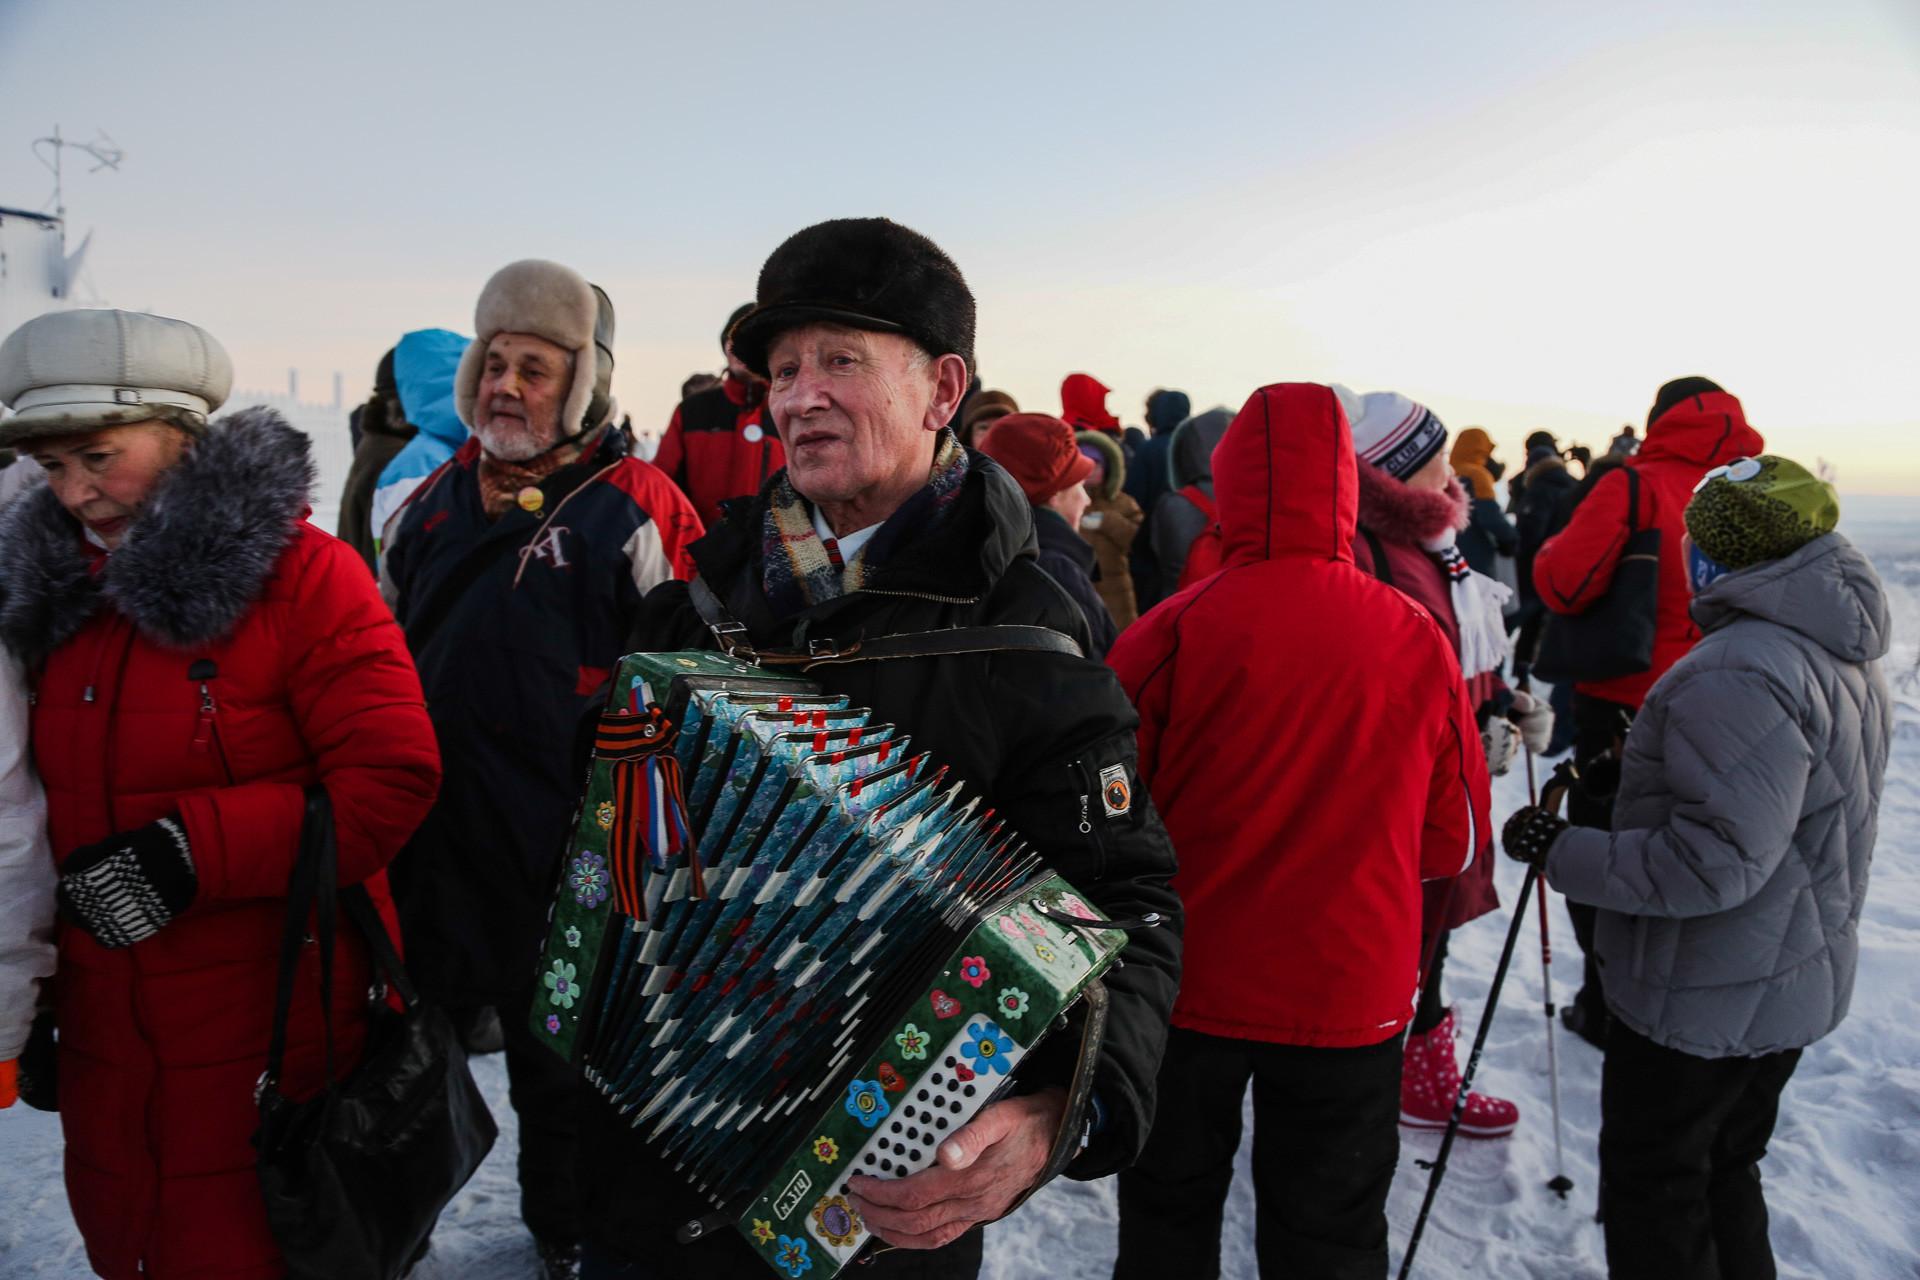 Karena matahari tak terbit di Murmansk selama beberapa minggu, menyambut kehadirannya dengan musik terlihat masuk akal.